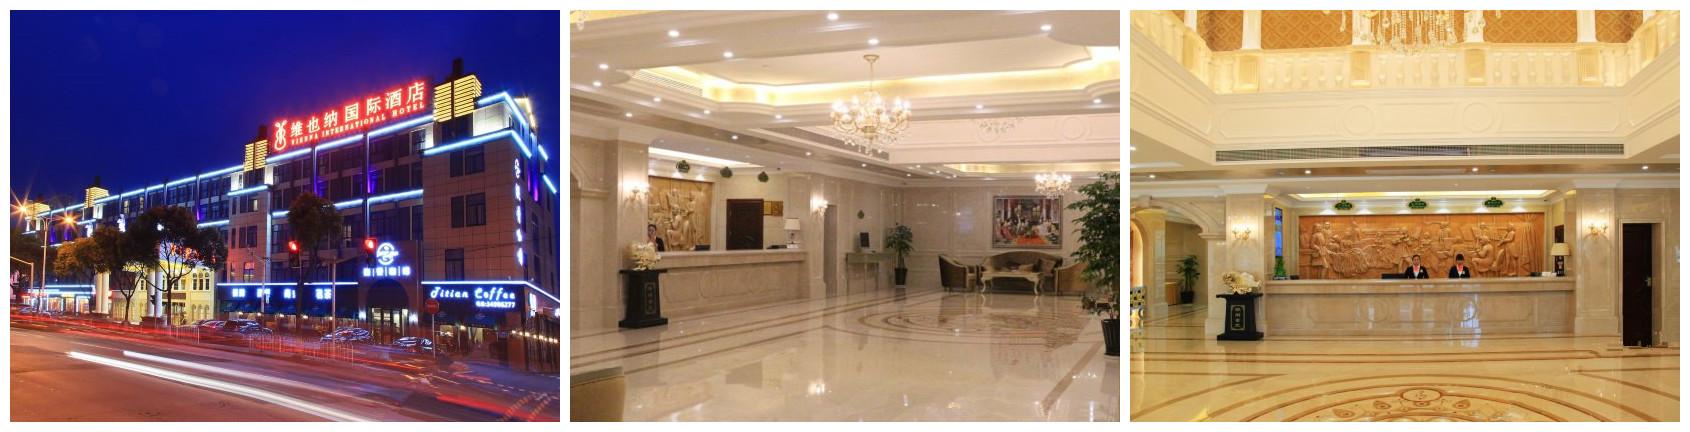 上海维也纳国际酒店